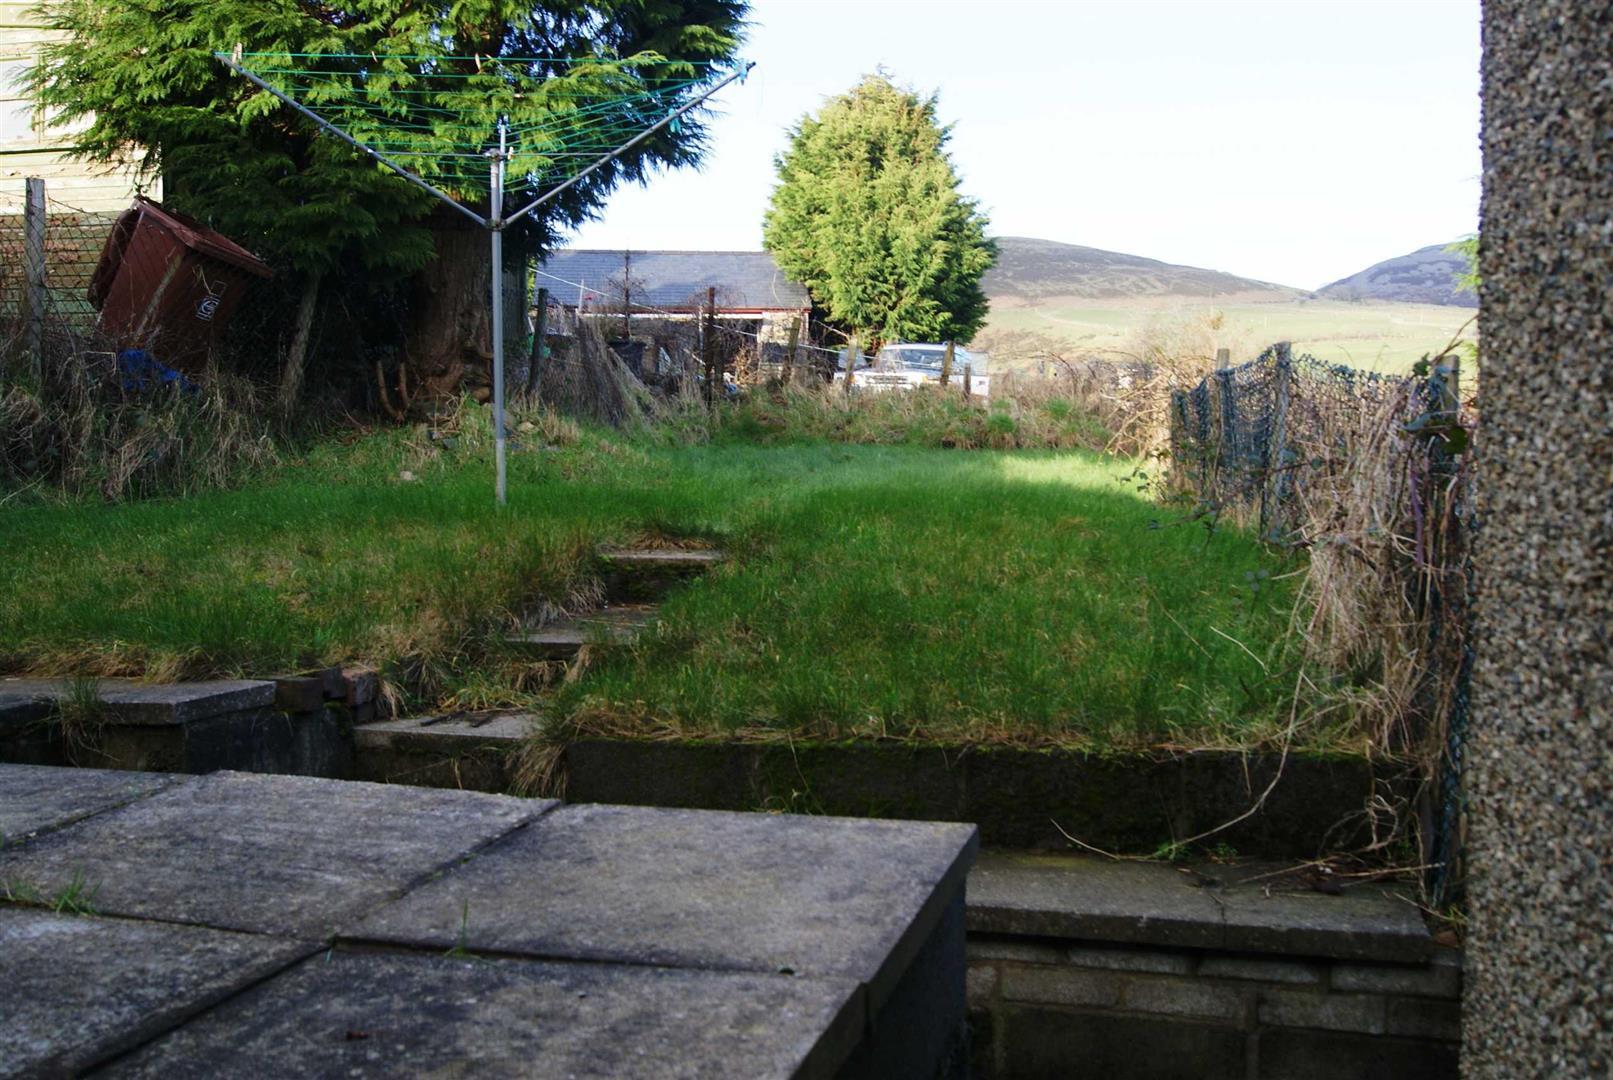 Tan Y Fynwent, Llanaelhaearn